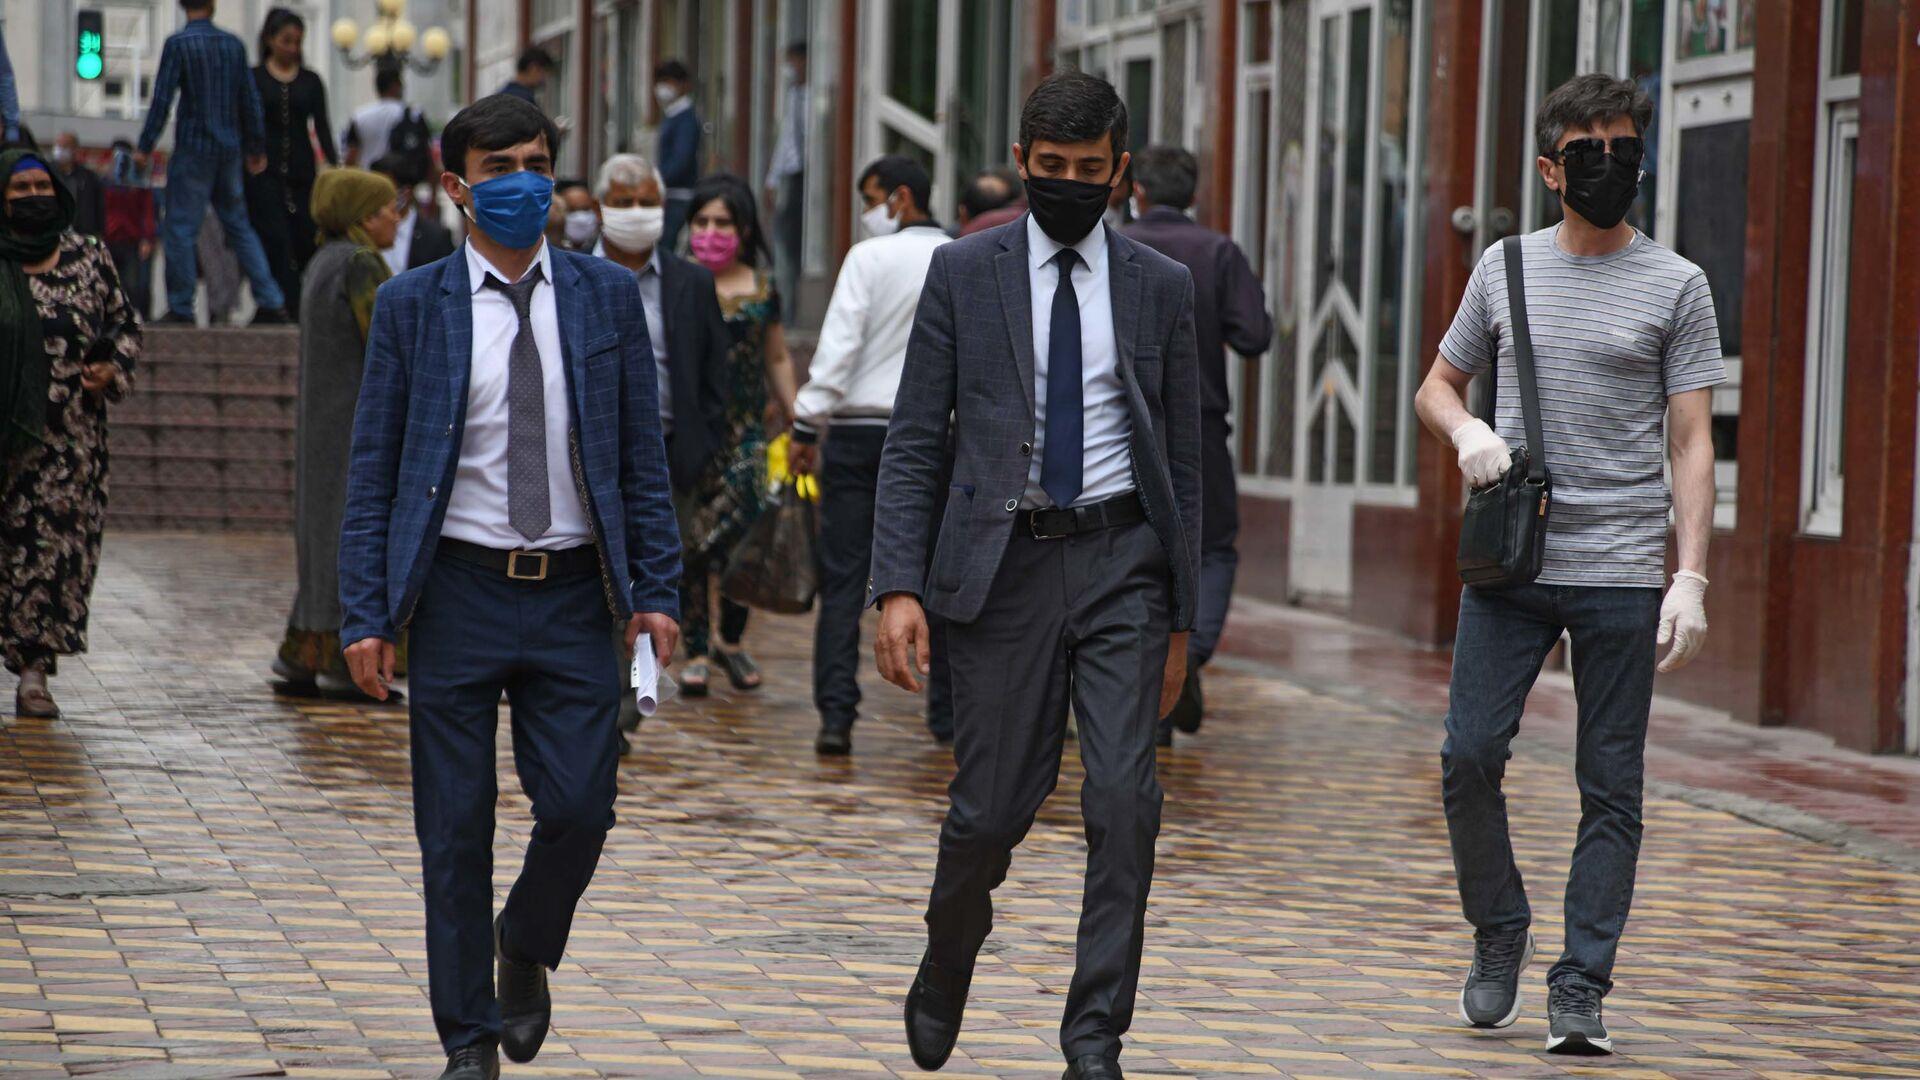 Жители города Душанбе в защитных масках на улице  - Sputnik Таджикистан, 1920, 25.09.2021